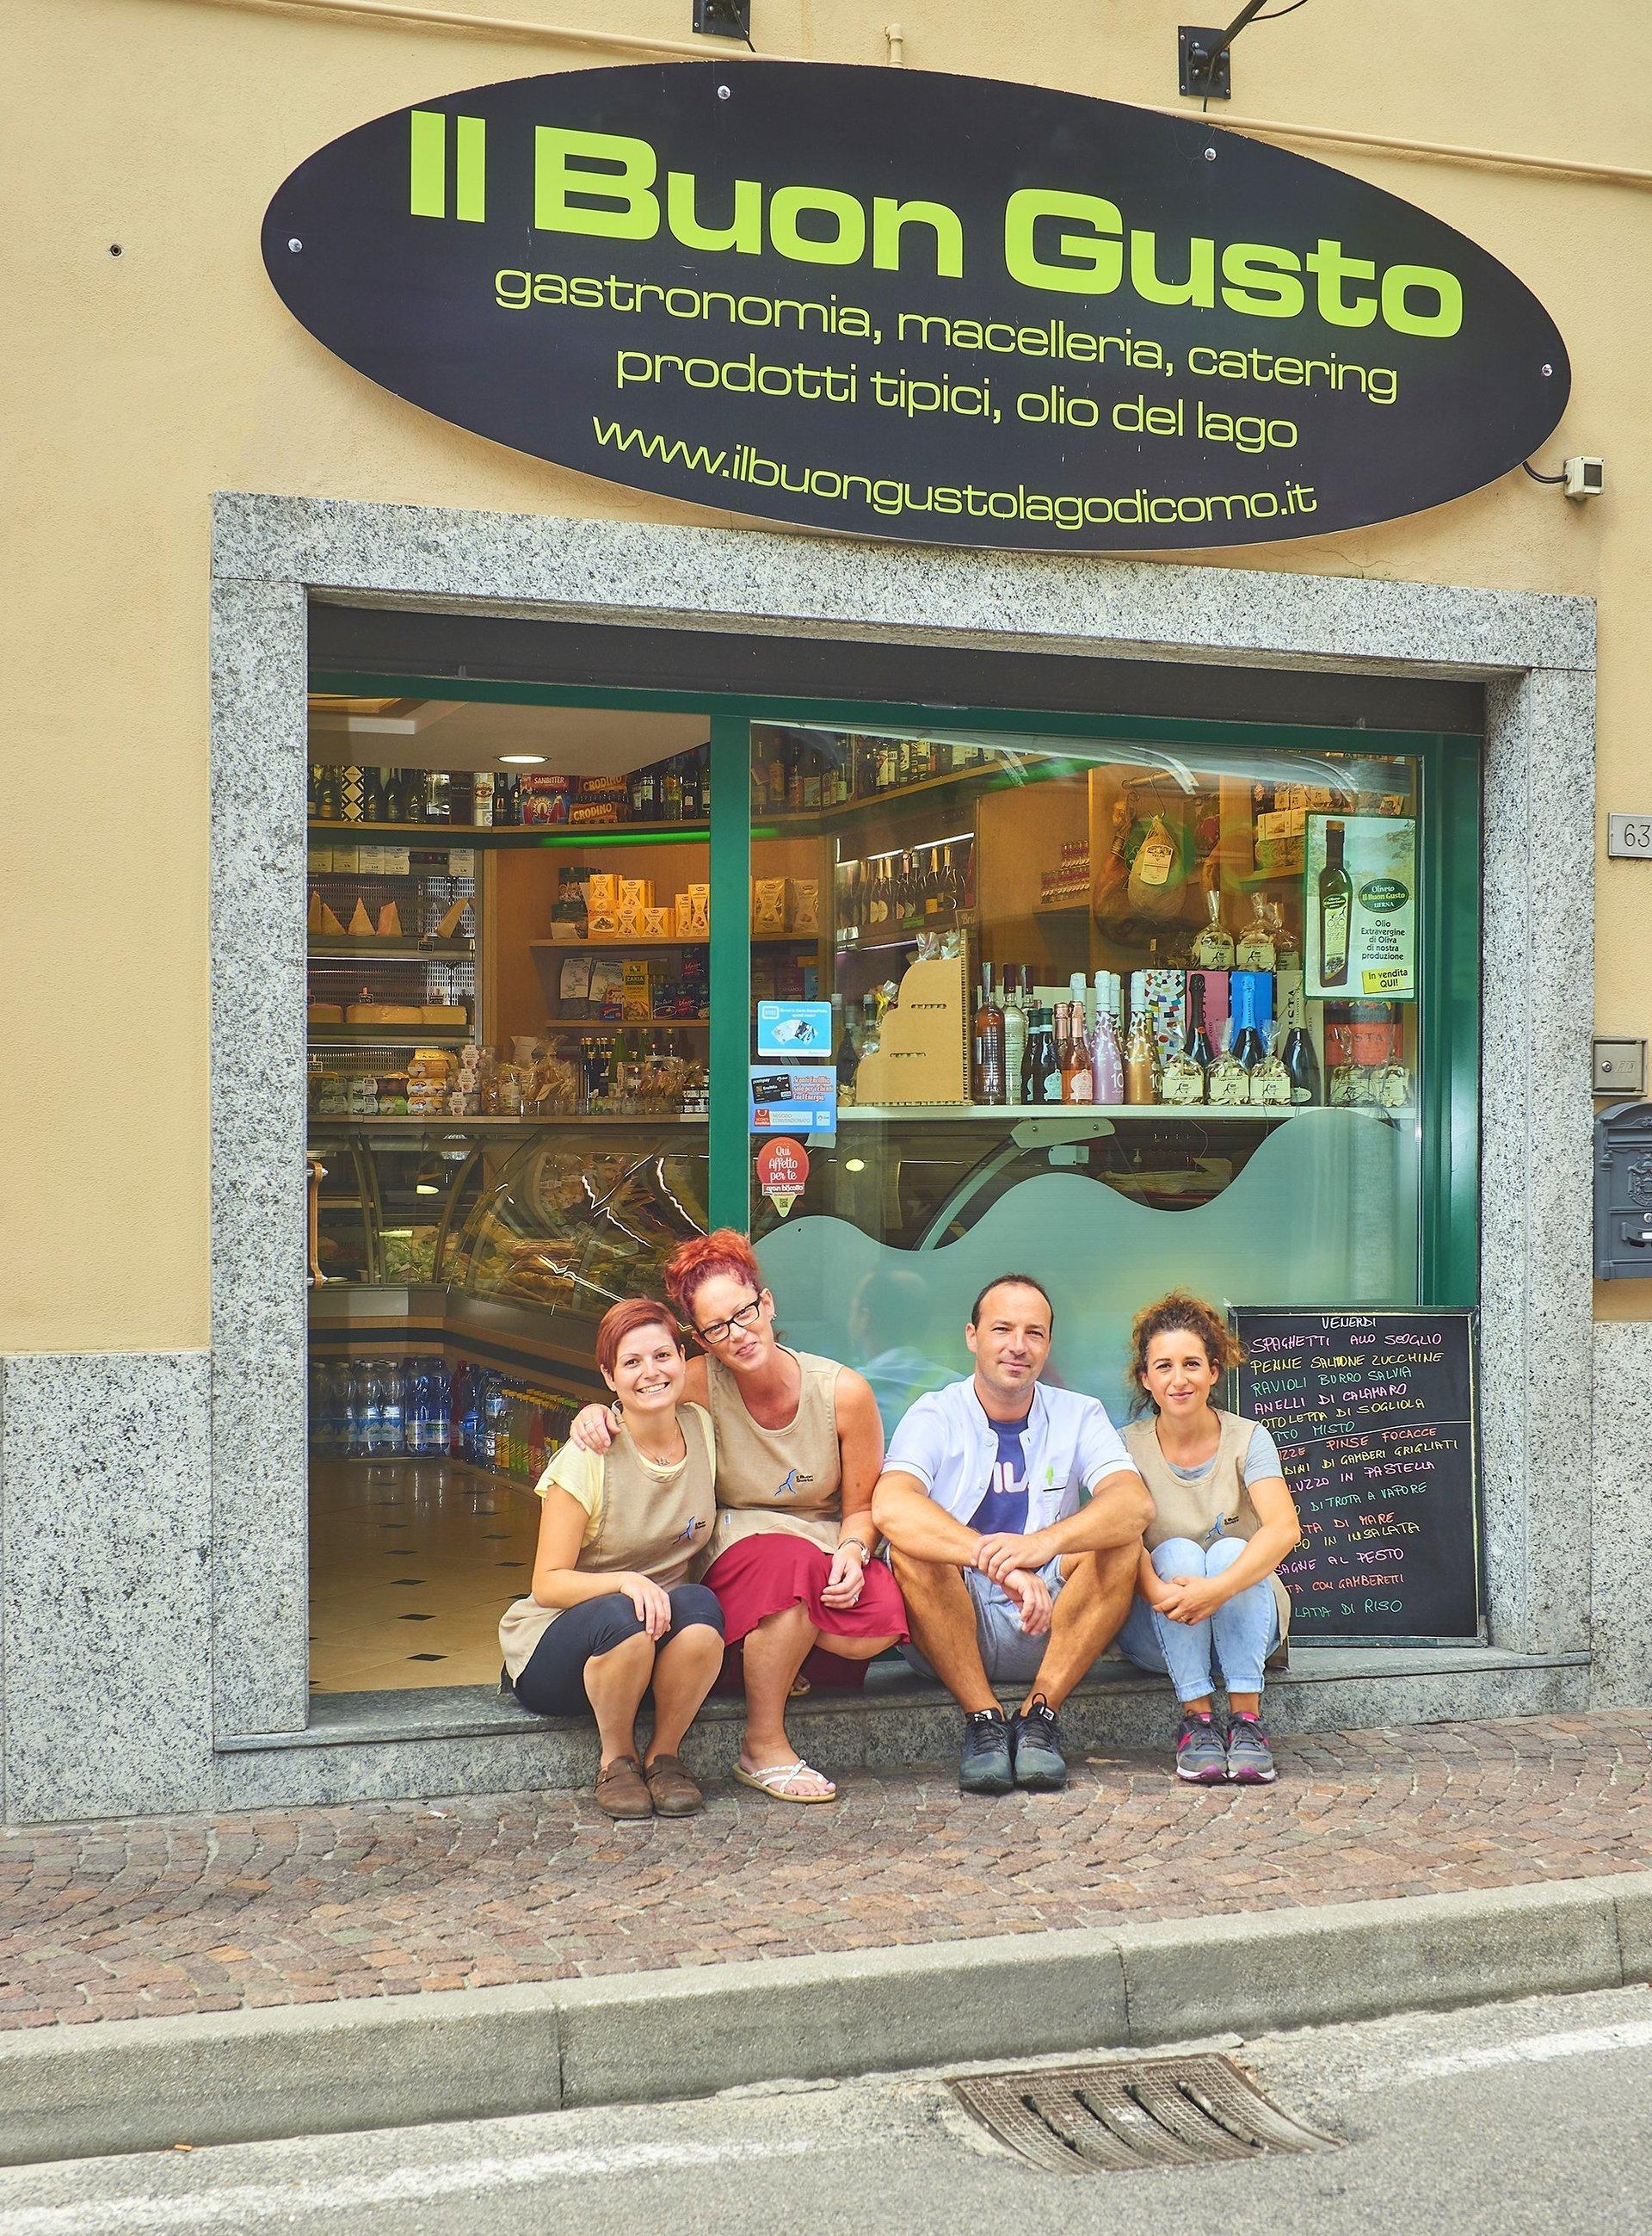 entrata della gastronomia e quattro persone sedute sullo scalino